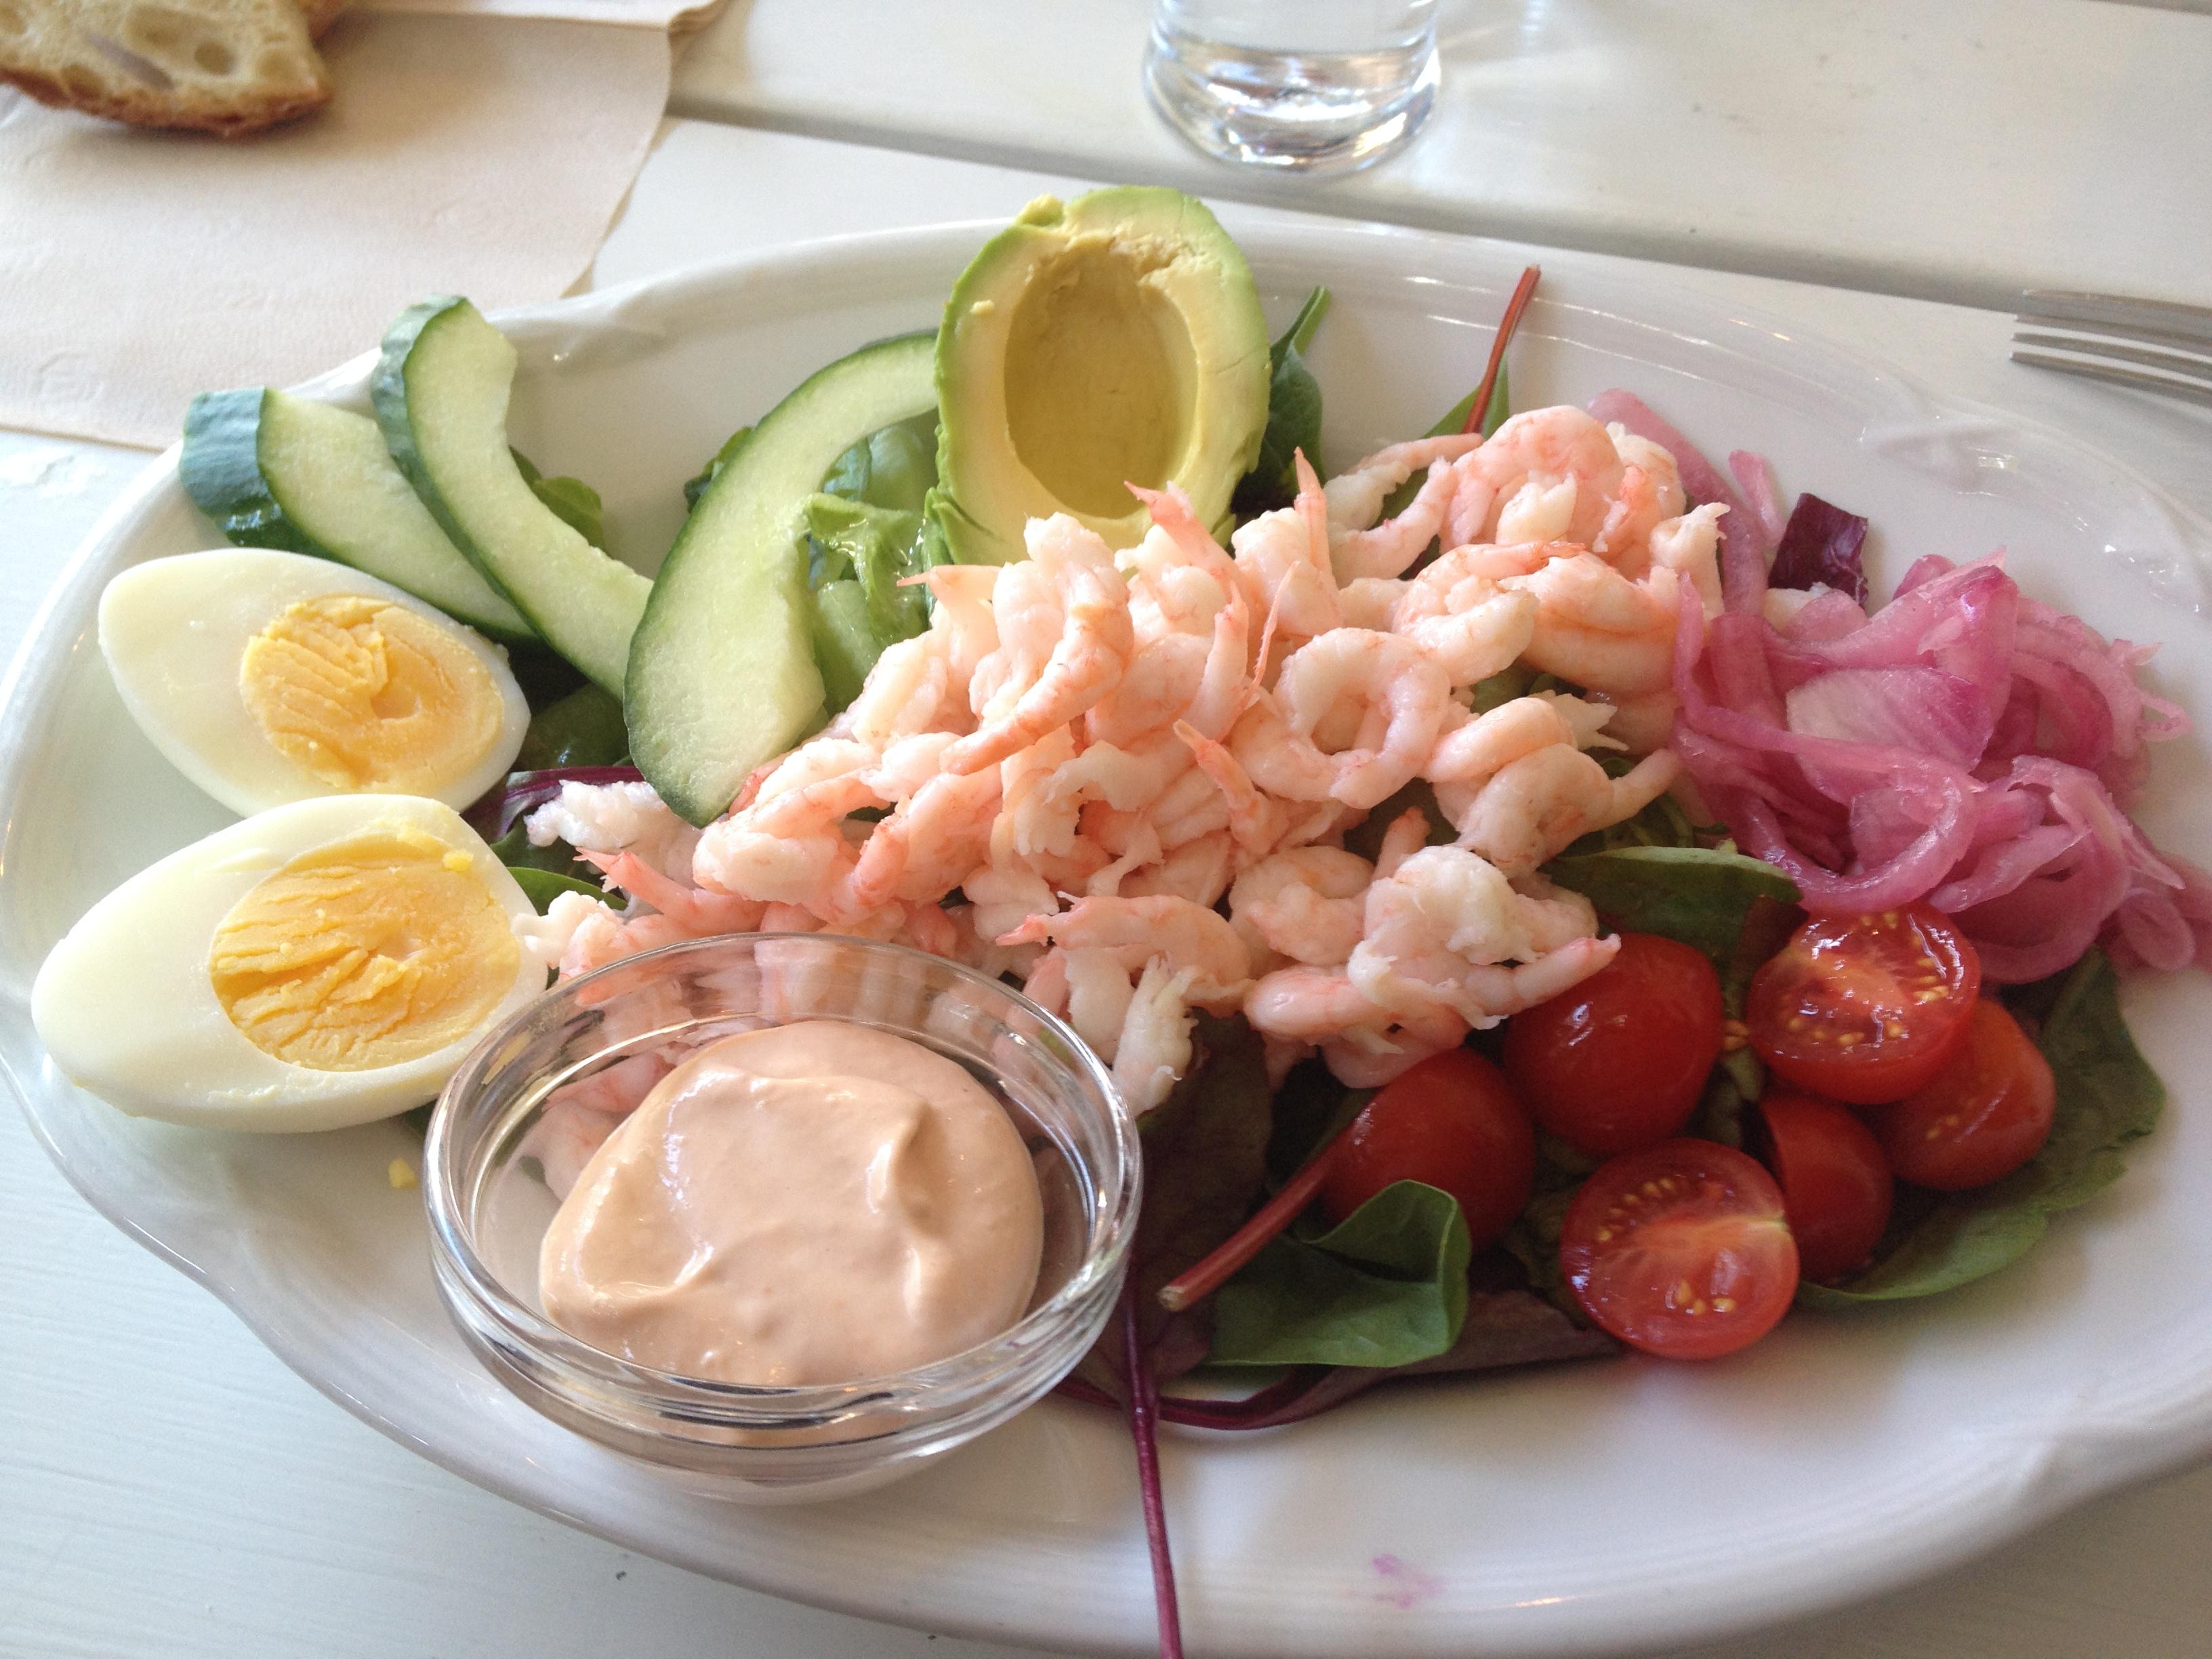 Classic Café Gröna Lund